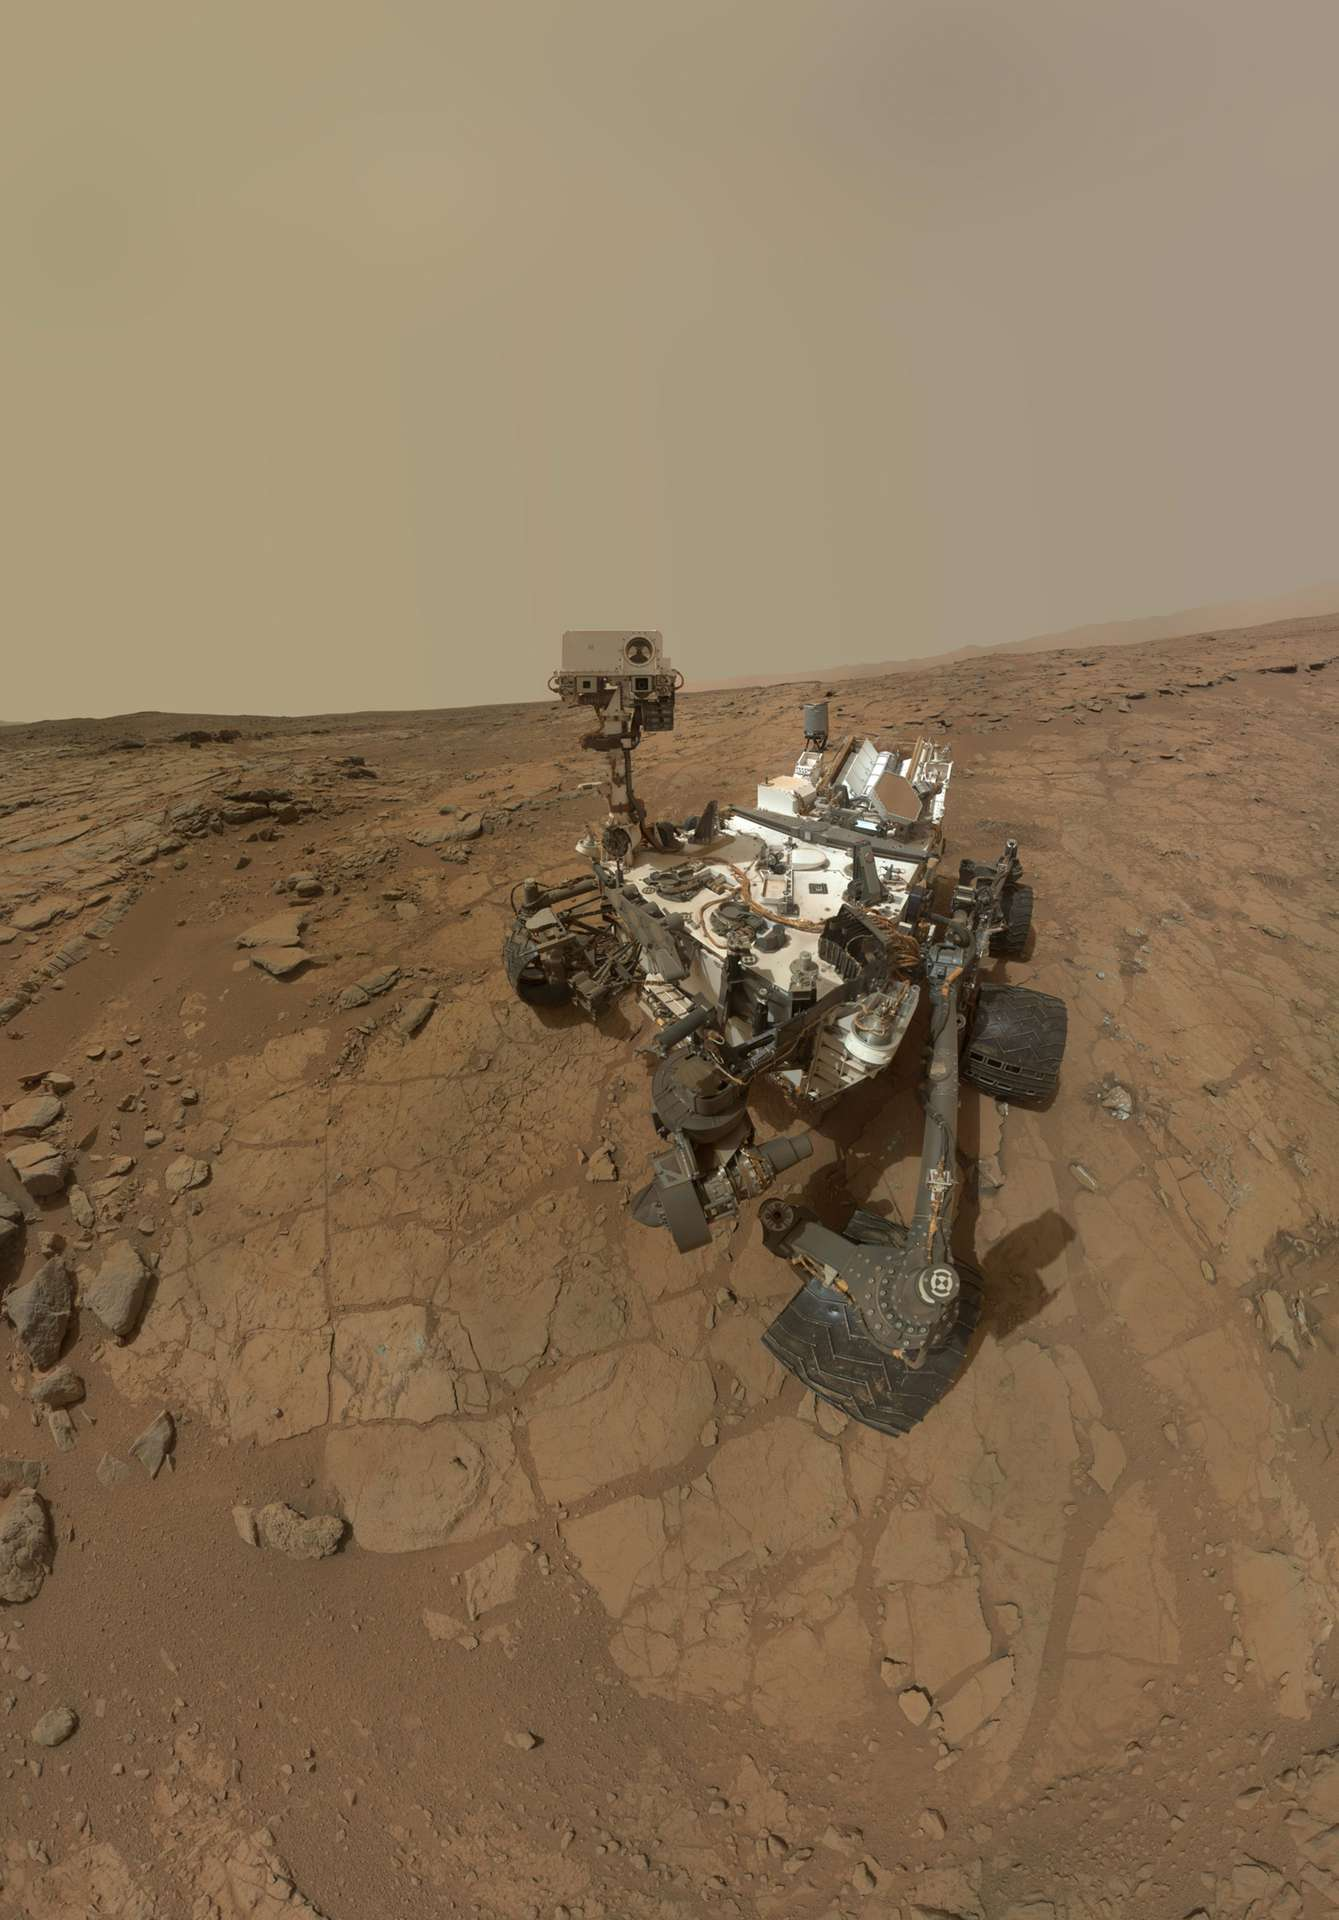 Autoportrait du rover Curiosity, réalisé avec une série d'images (d'où l'absence du bras robotisé portant l'appareil photo), acquises lors du sol 177. L'ordinateur B prend le relais de l'ordinateur A, le temps que les équipes au sol résolvent son problème de mémoire. © Nasa, JPL-Caltech, MSSS